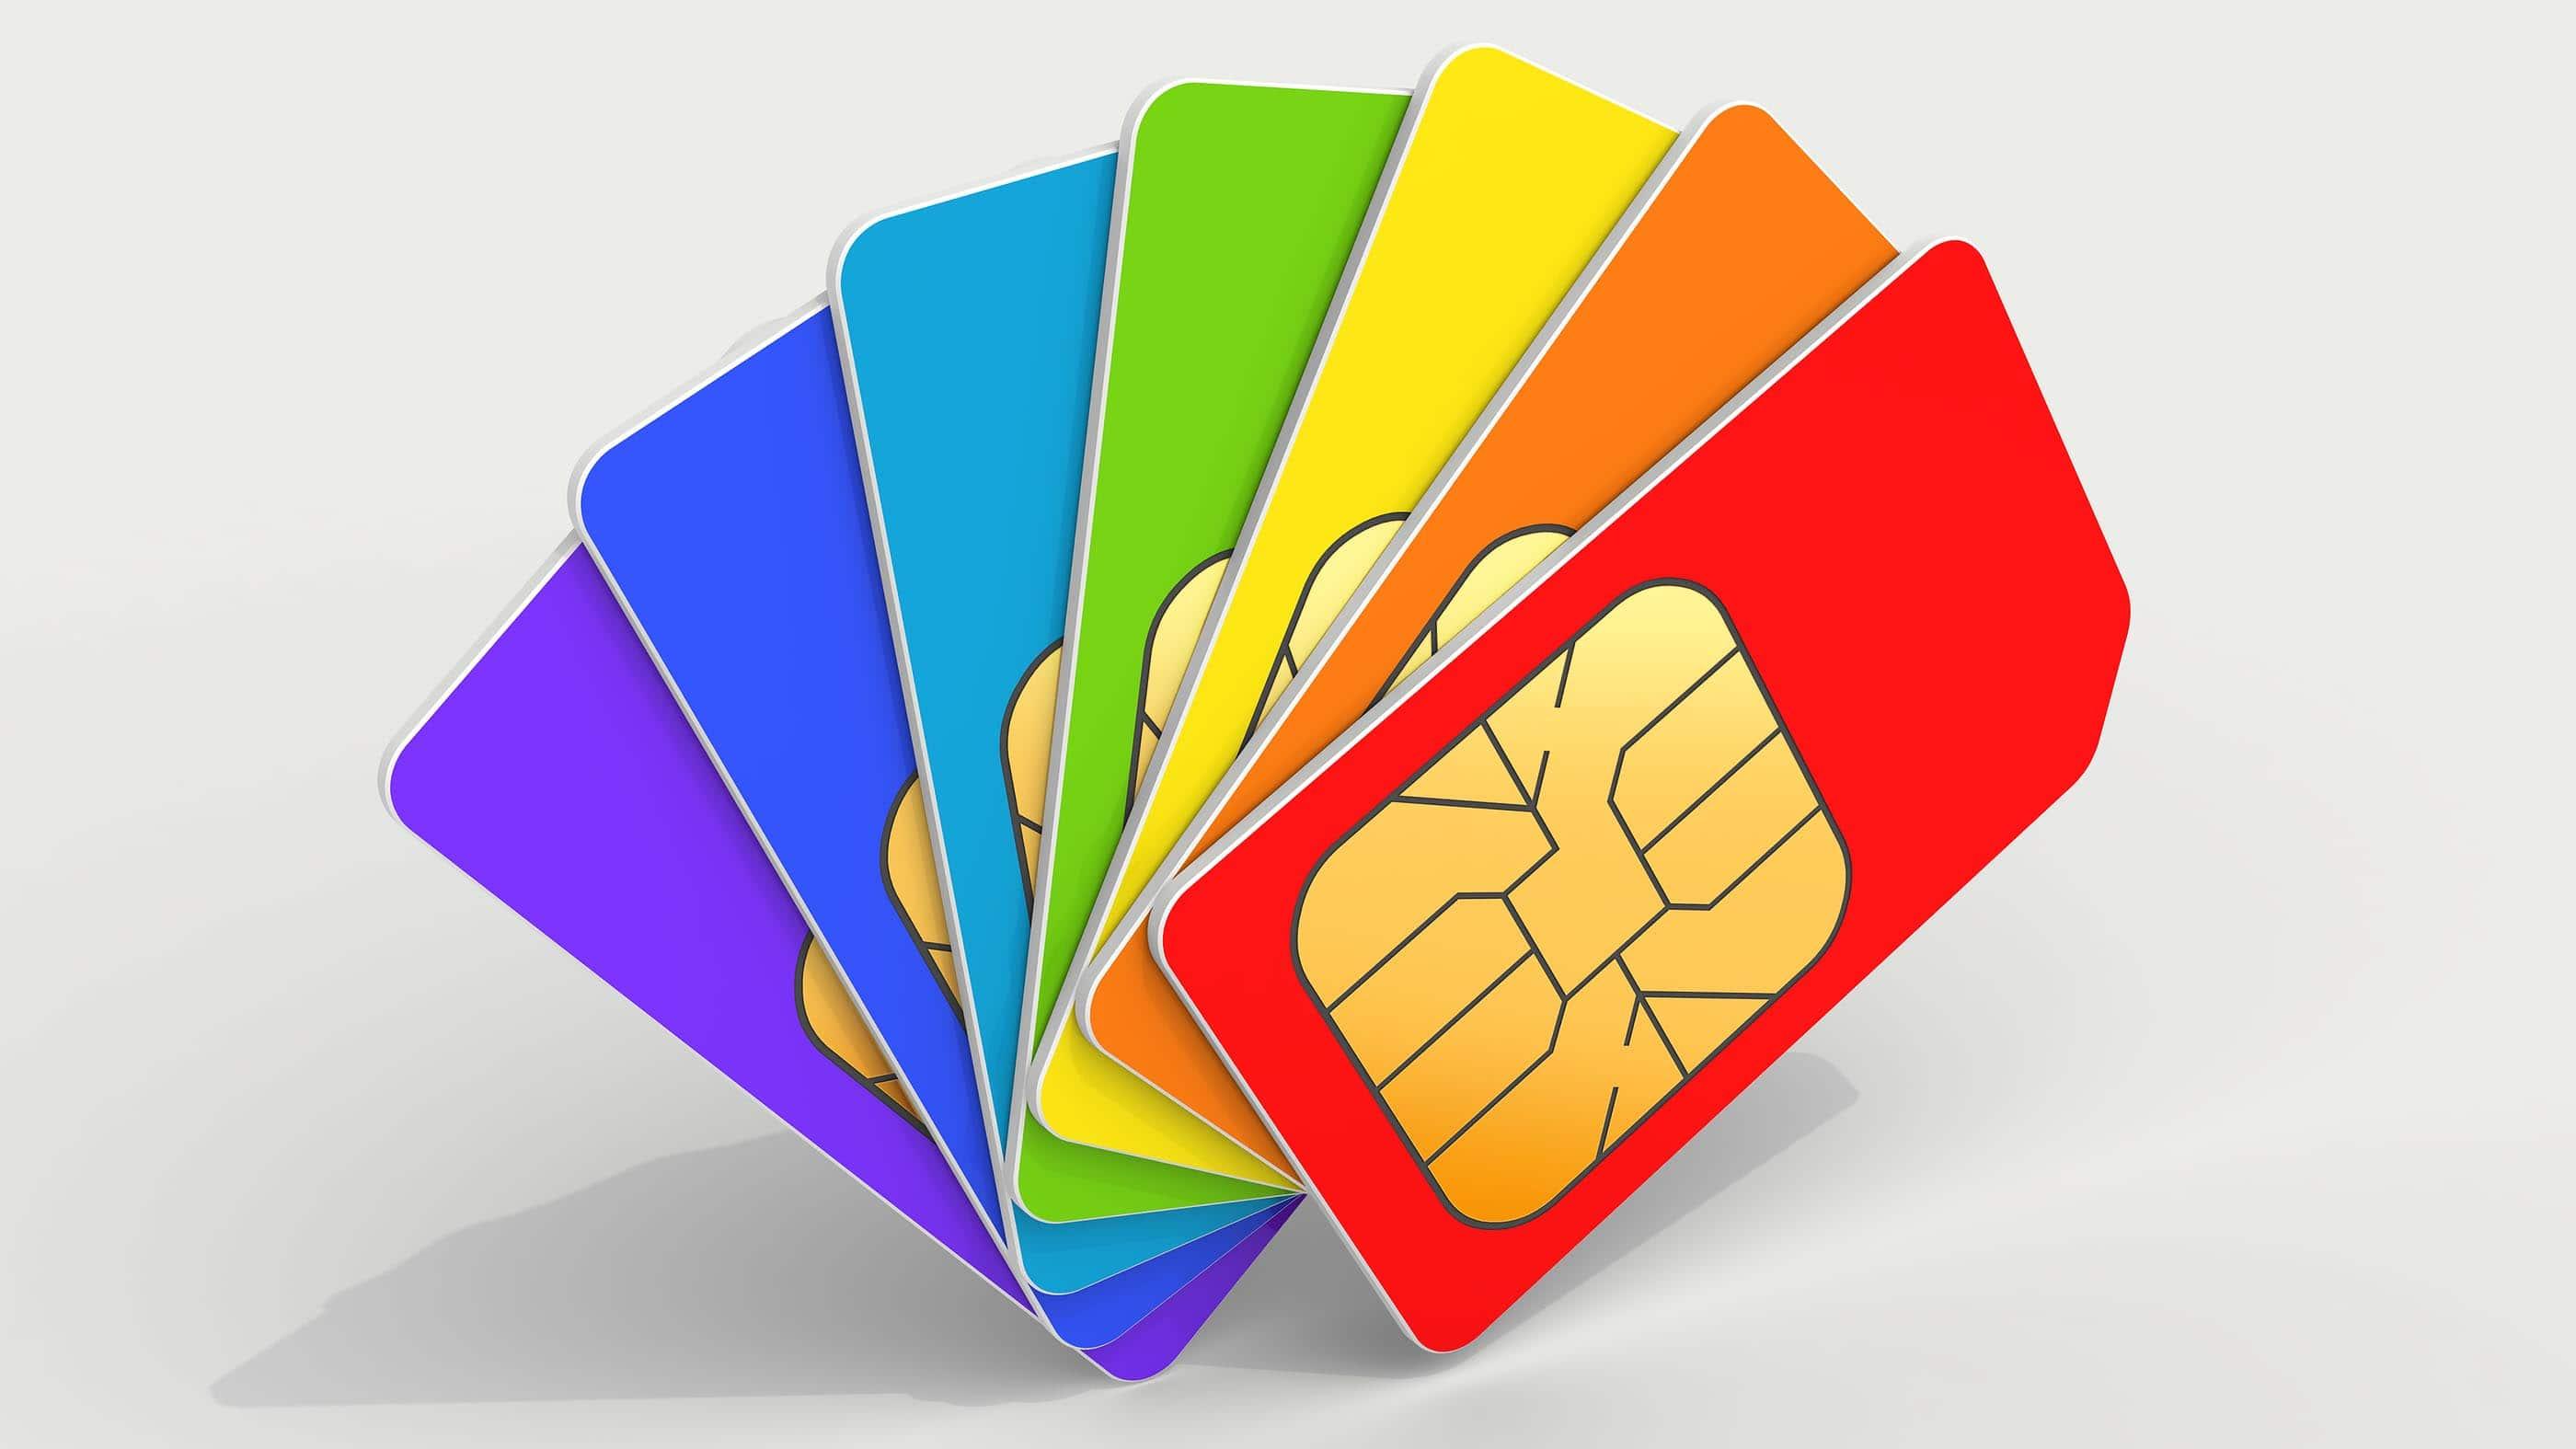 Las mejores ofertas SIM de pago por uso: las mejores ofertas baratas, ofertas de roaming y ofertas de datos ilimitados desde £ 5 por mes